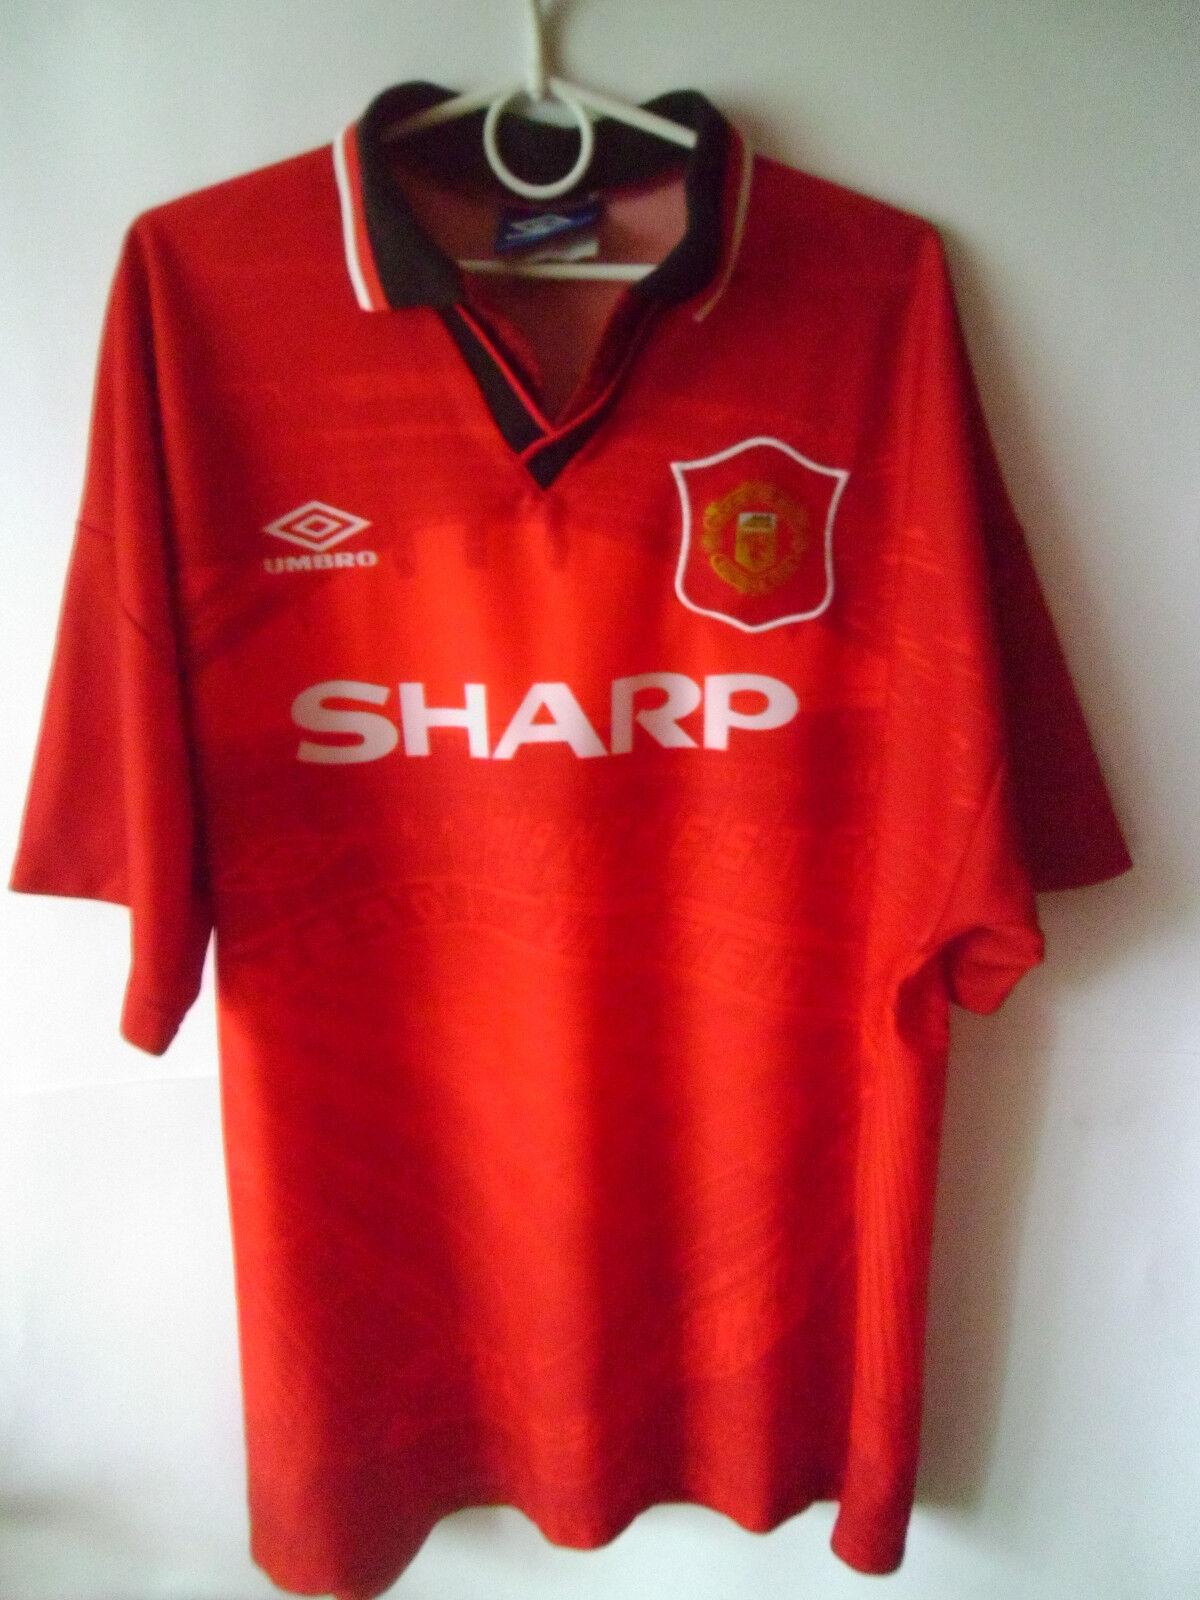 1994-95 1994-95 1994-95 Manchester United Home Shirt Jersey Trikot XL c19b03